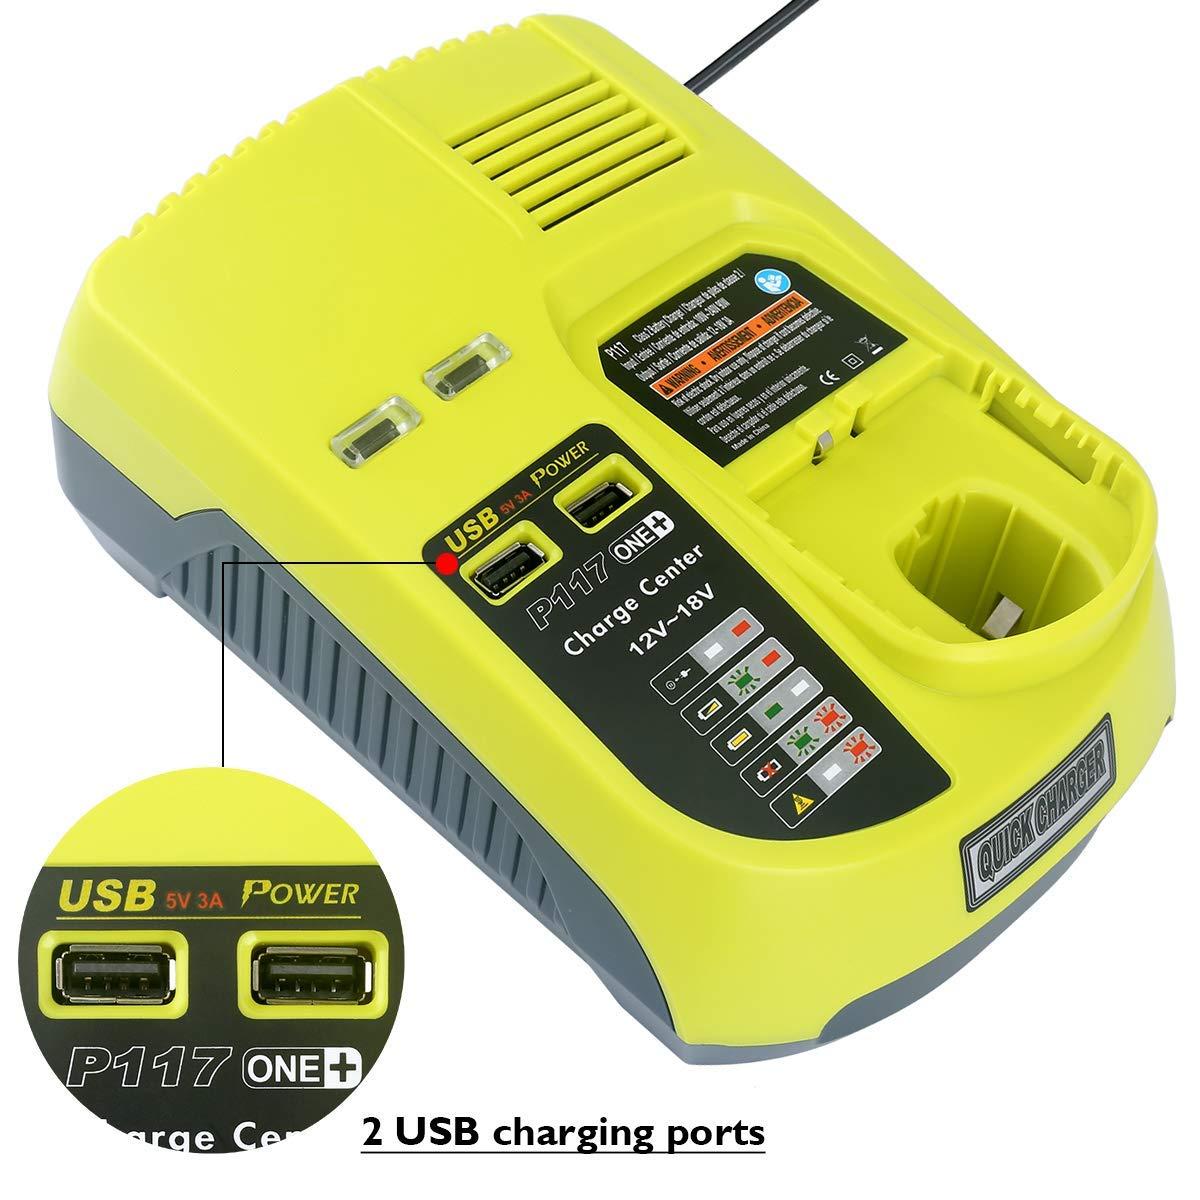 For Ryobi ONE+ 18V 6.0Ah Li Ion Rechargeable Battery P108 + New P117 Charger for Ryobi 9.6V 18V Ni Cad Ni Mh Li ion Battery - 6